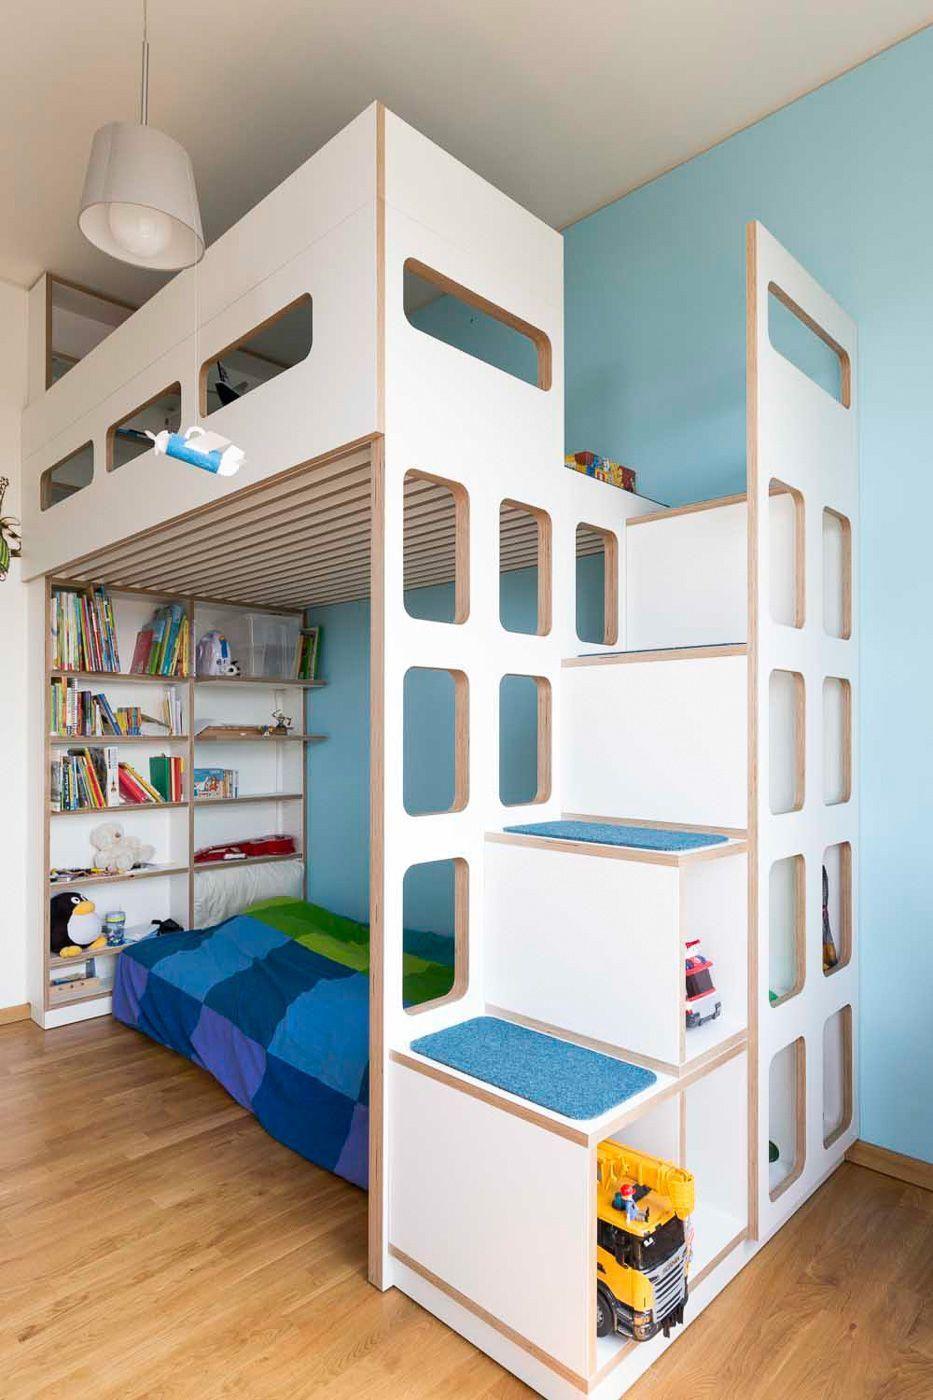 Einfach Klappmatratze Roller Bestand An Wohndesign Ideen